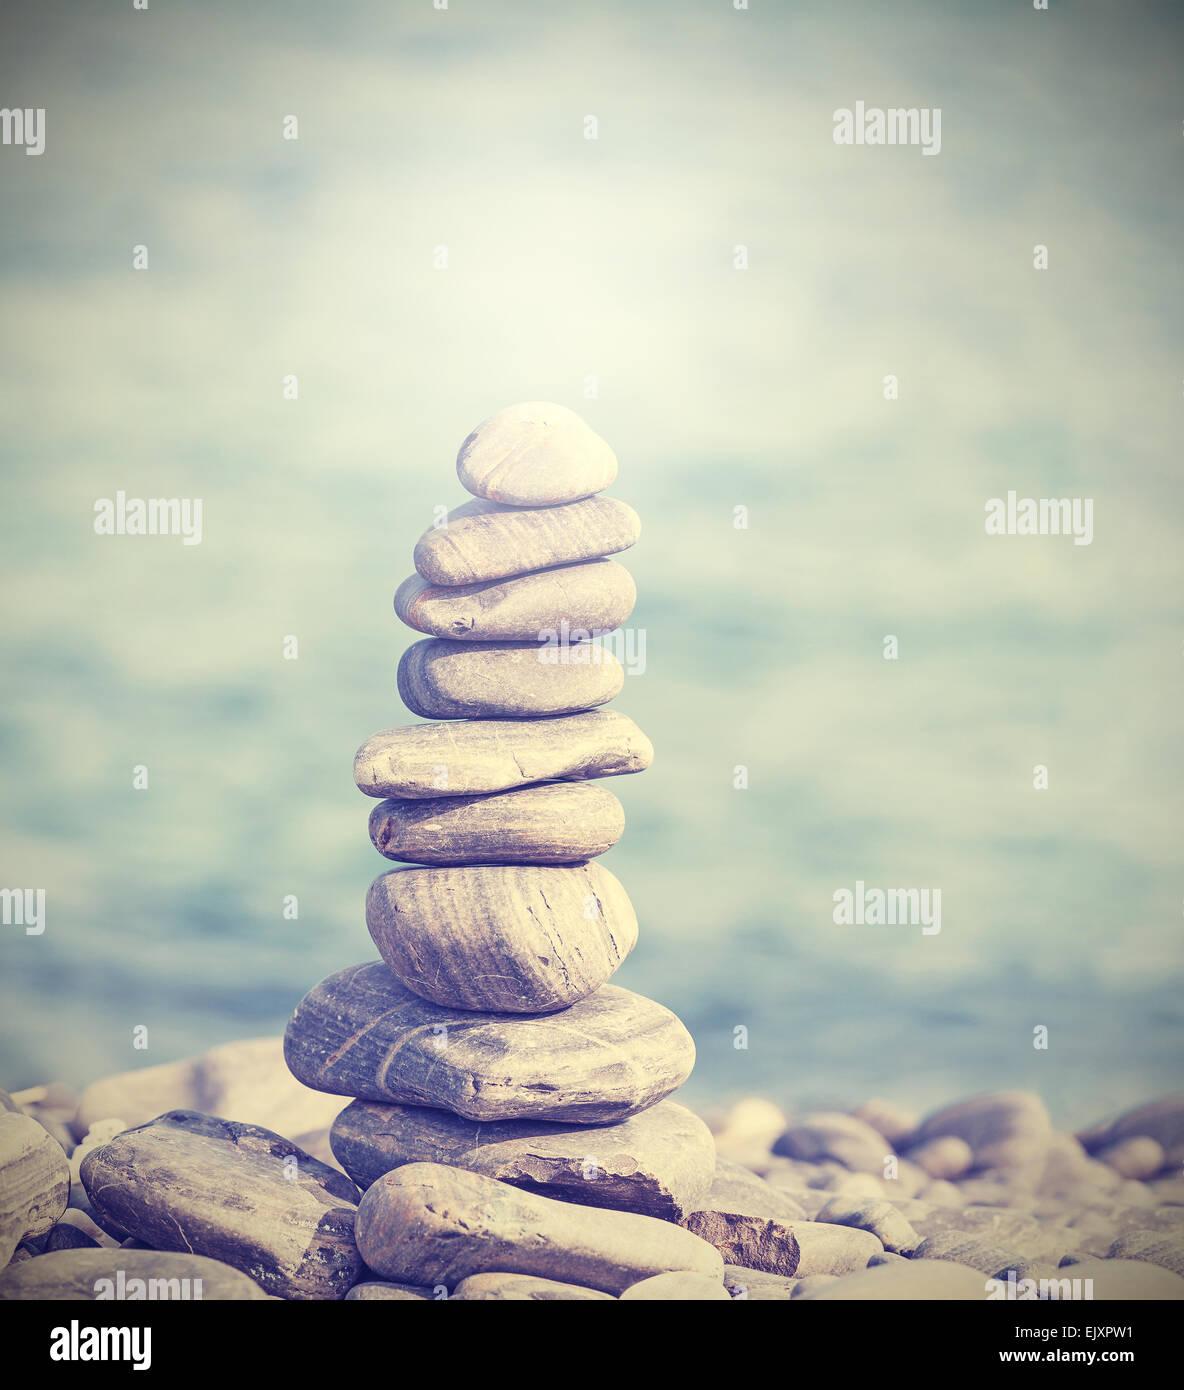 Retrò filtrata mucchio di pietre, Zen spa concept sfondo. Immagini Stock